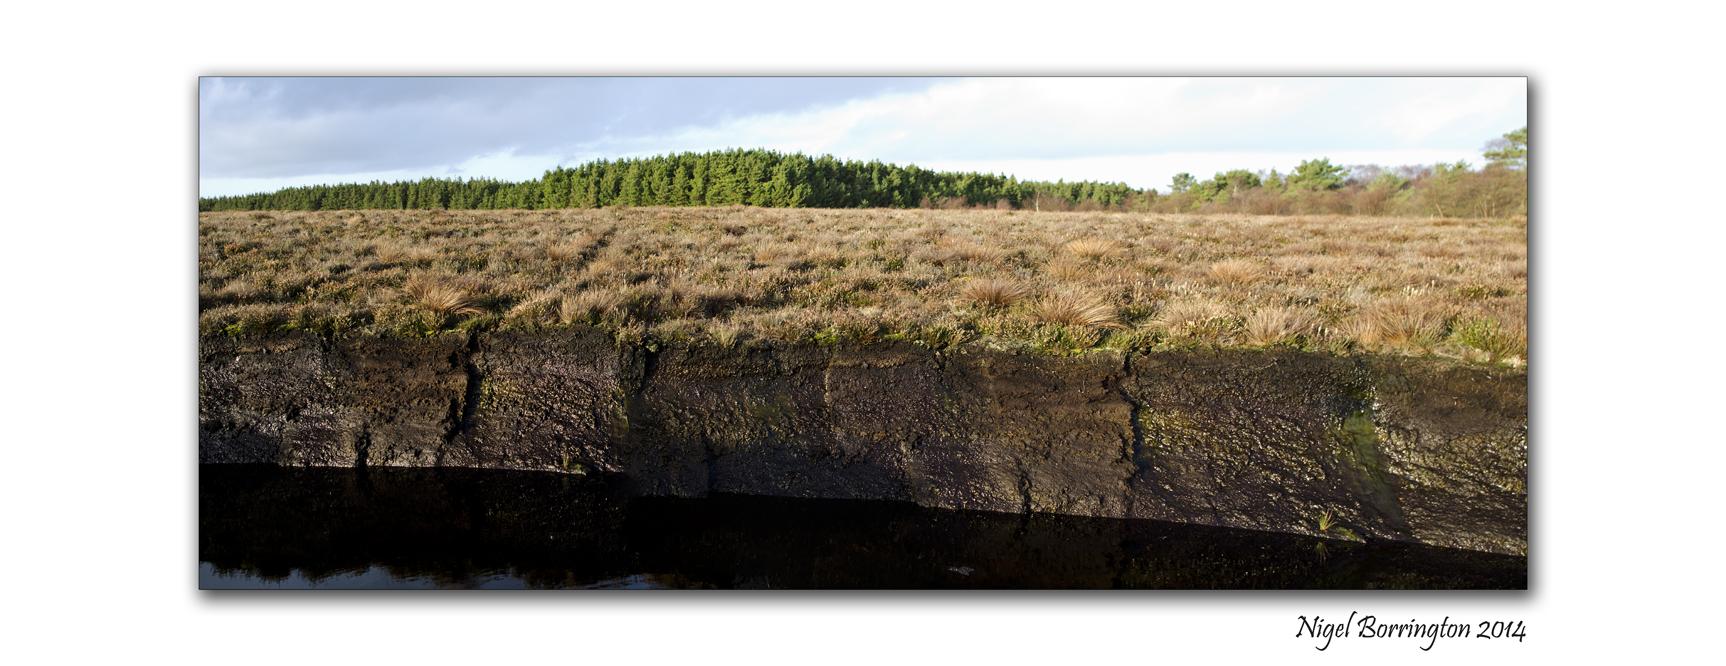 The bog of Allen 2